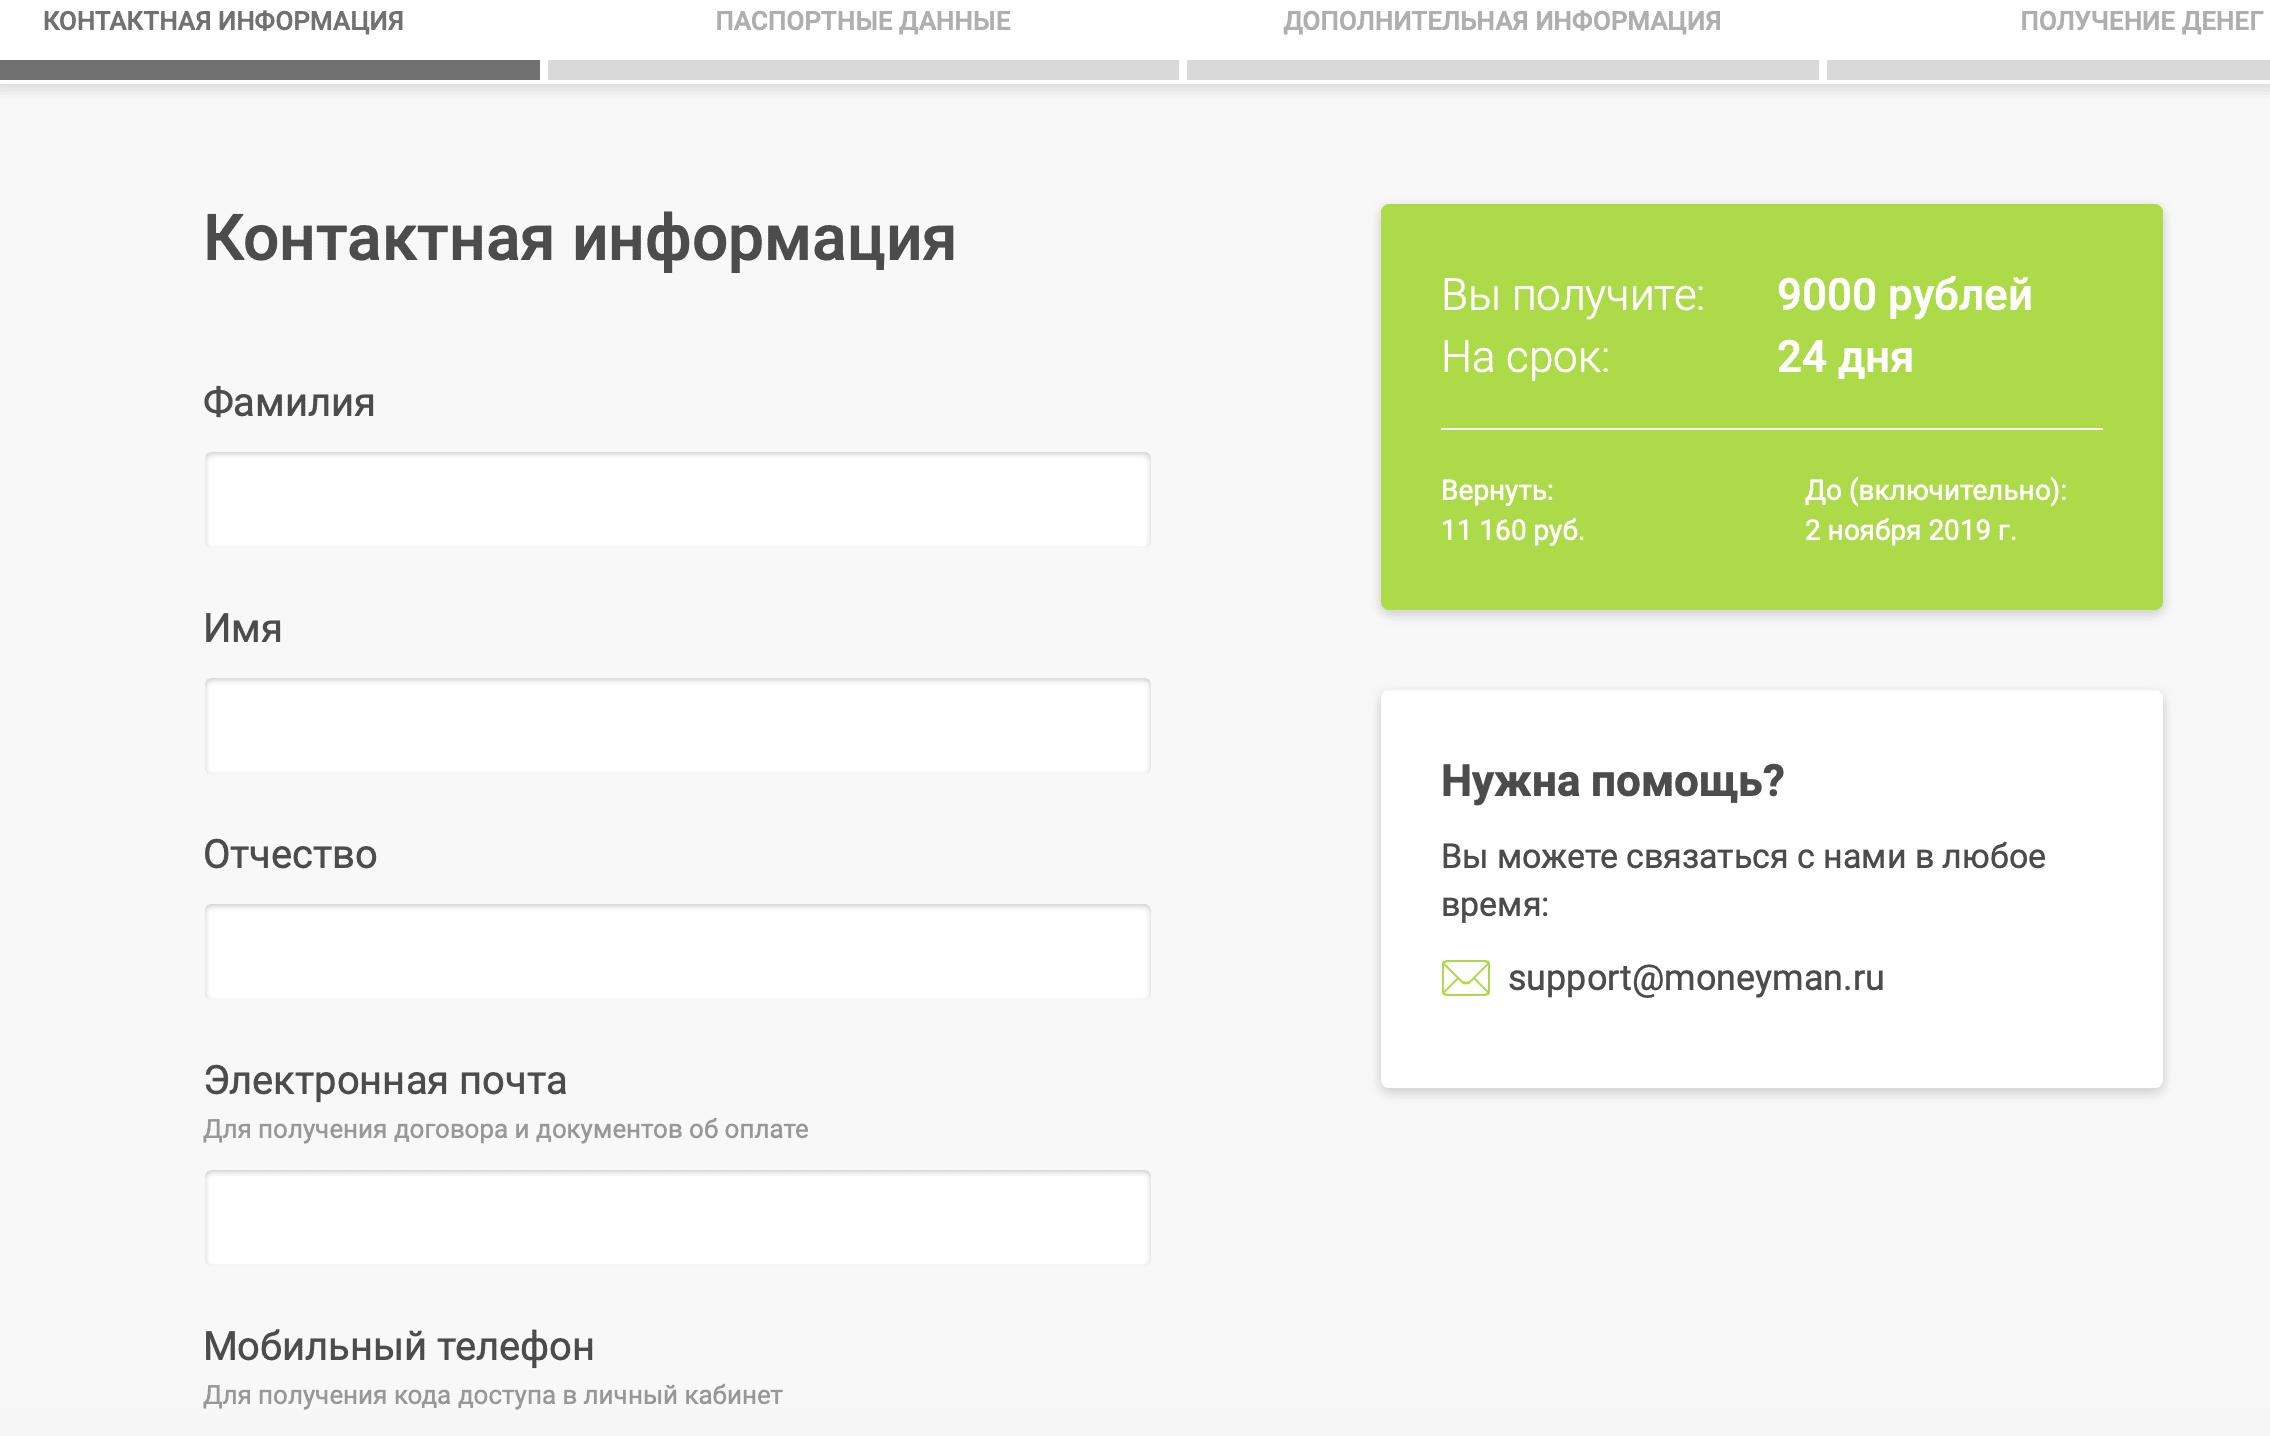 птб банк онлайн заявка на кредит